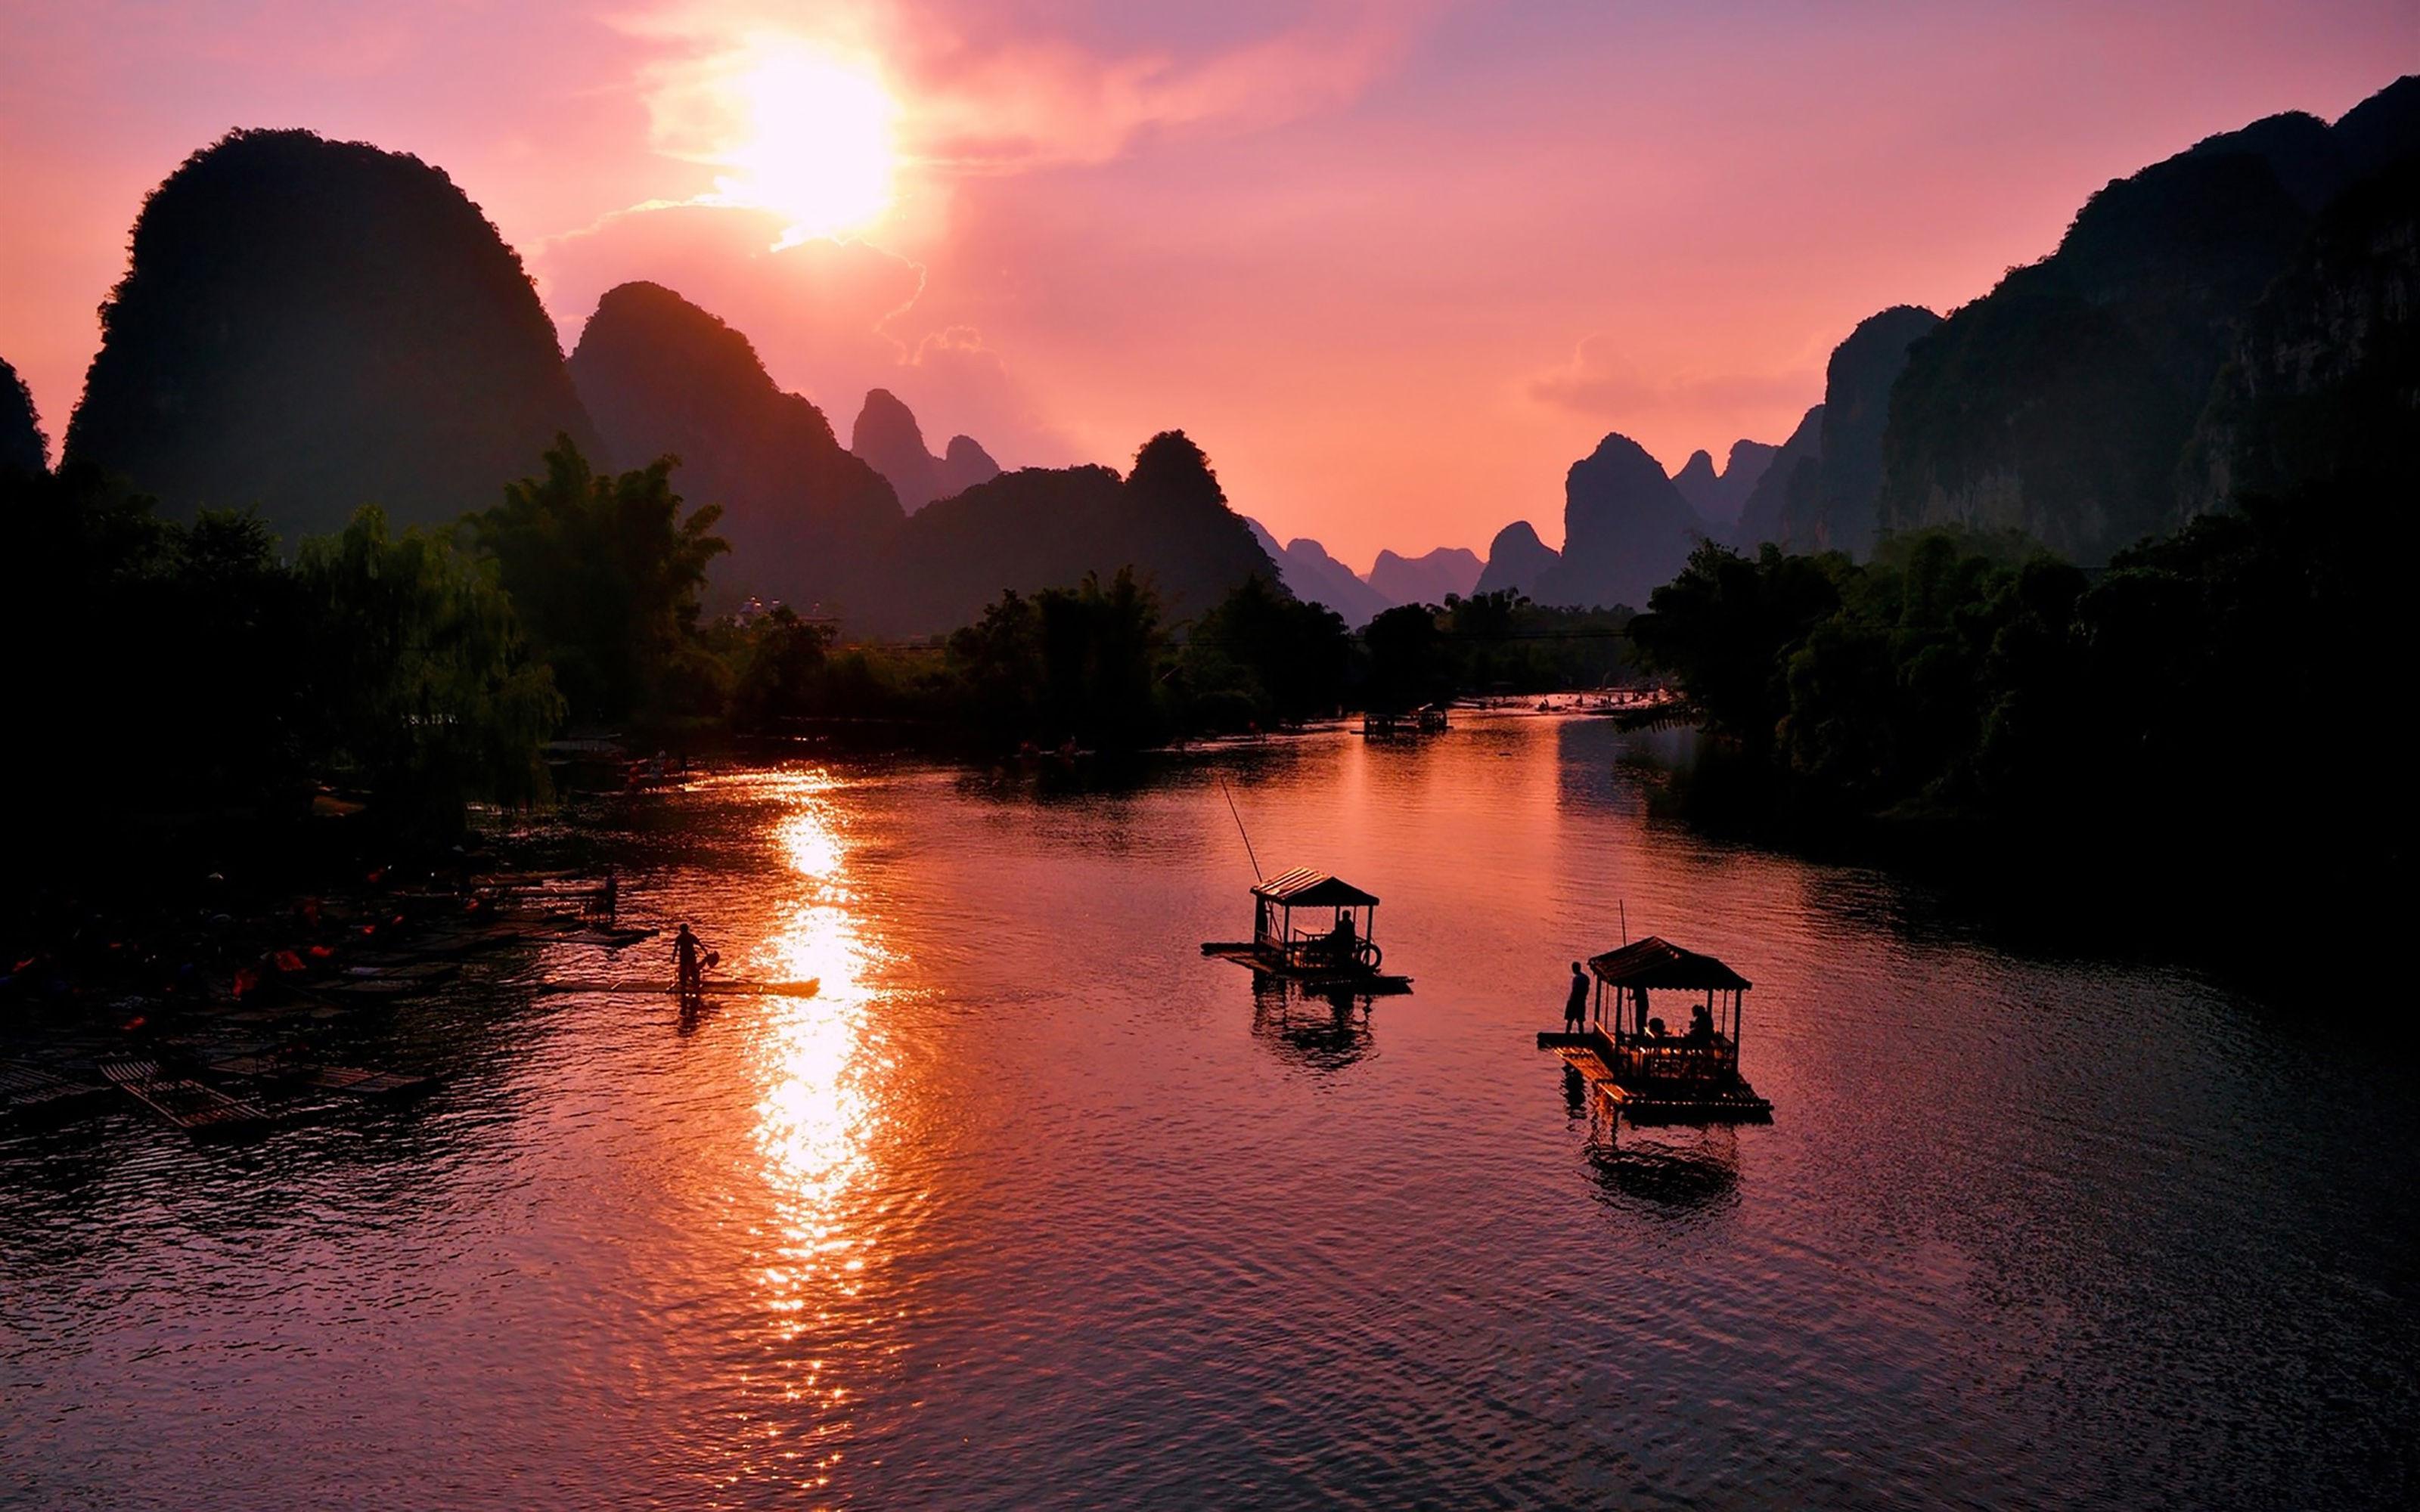 高清风景壁纸,山水:祖国的大好河山一览无余,让